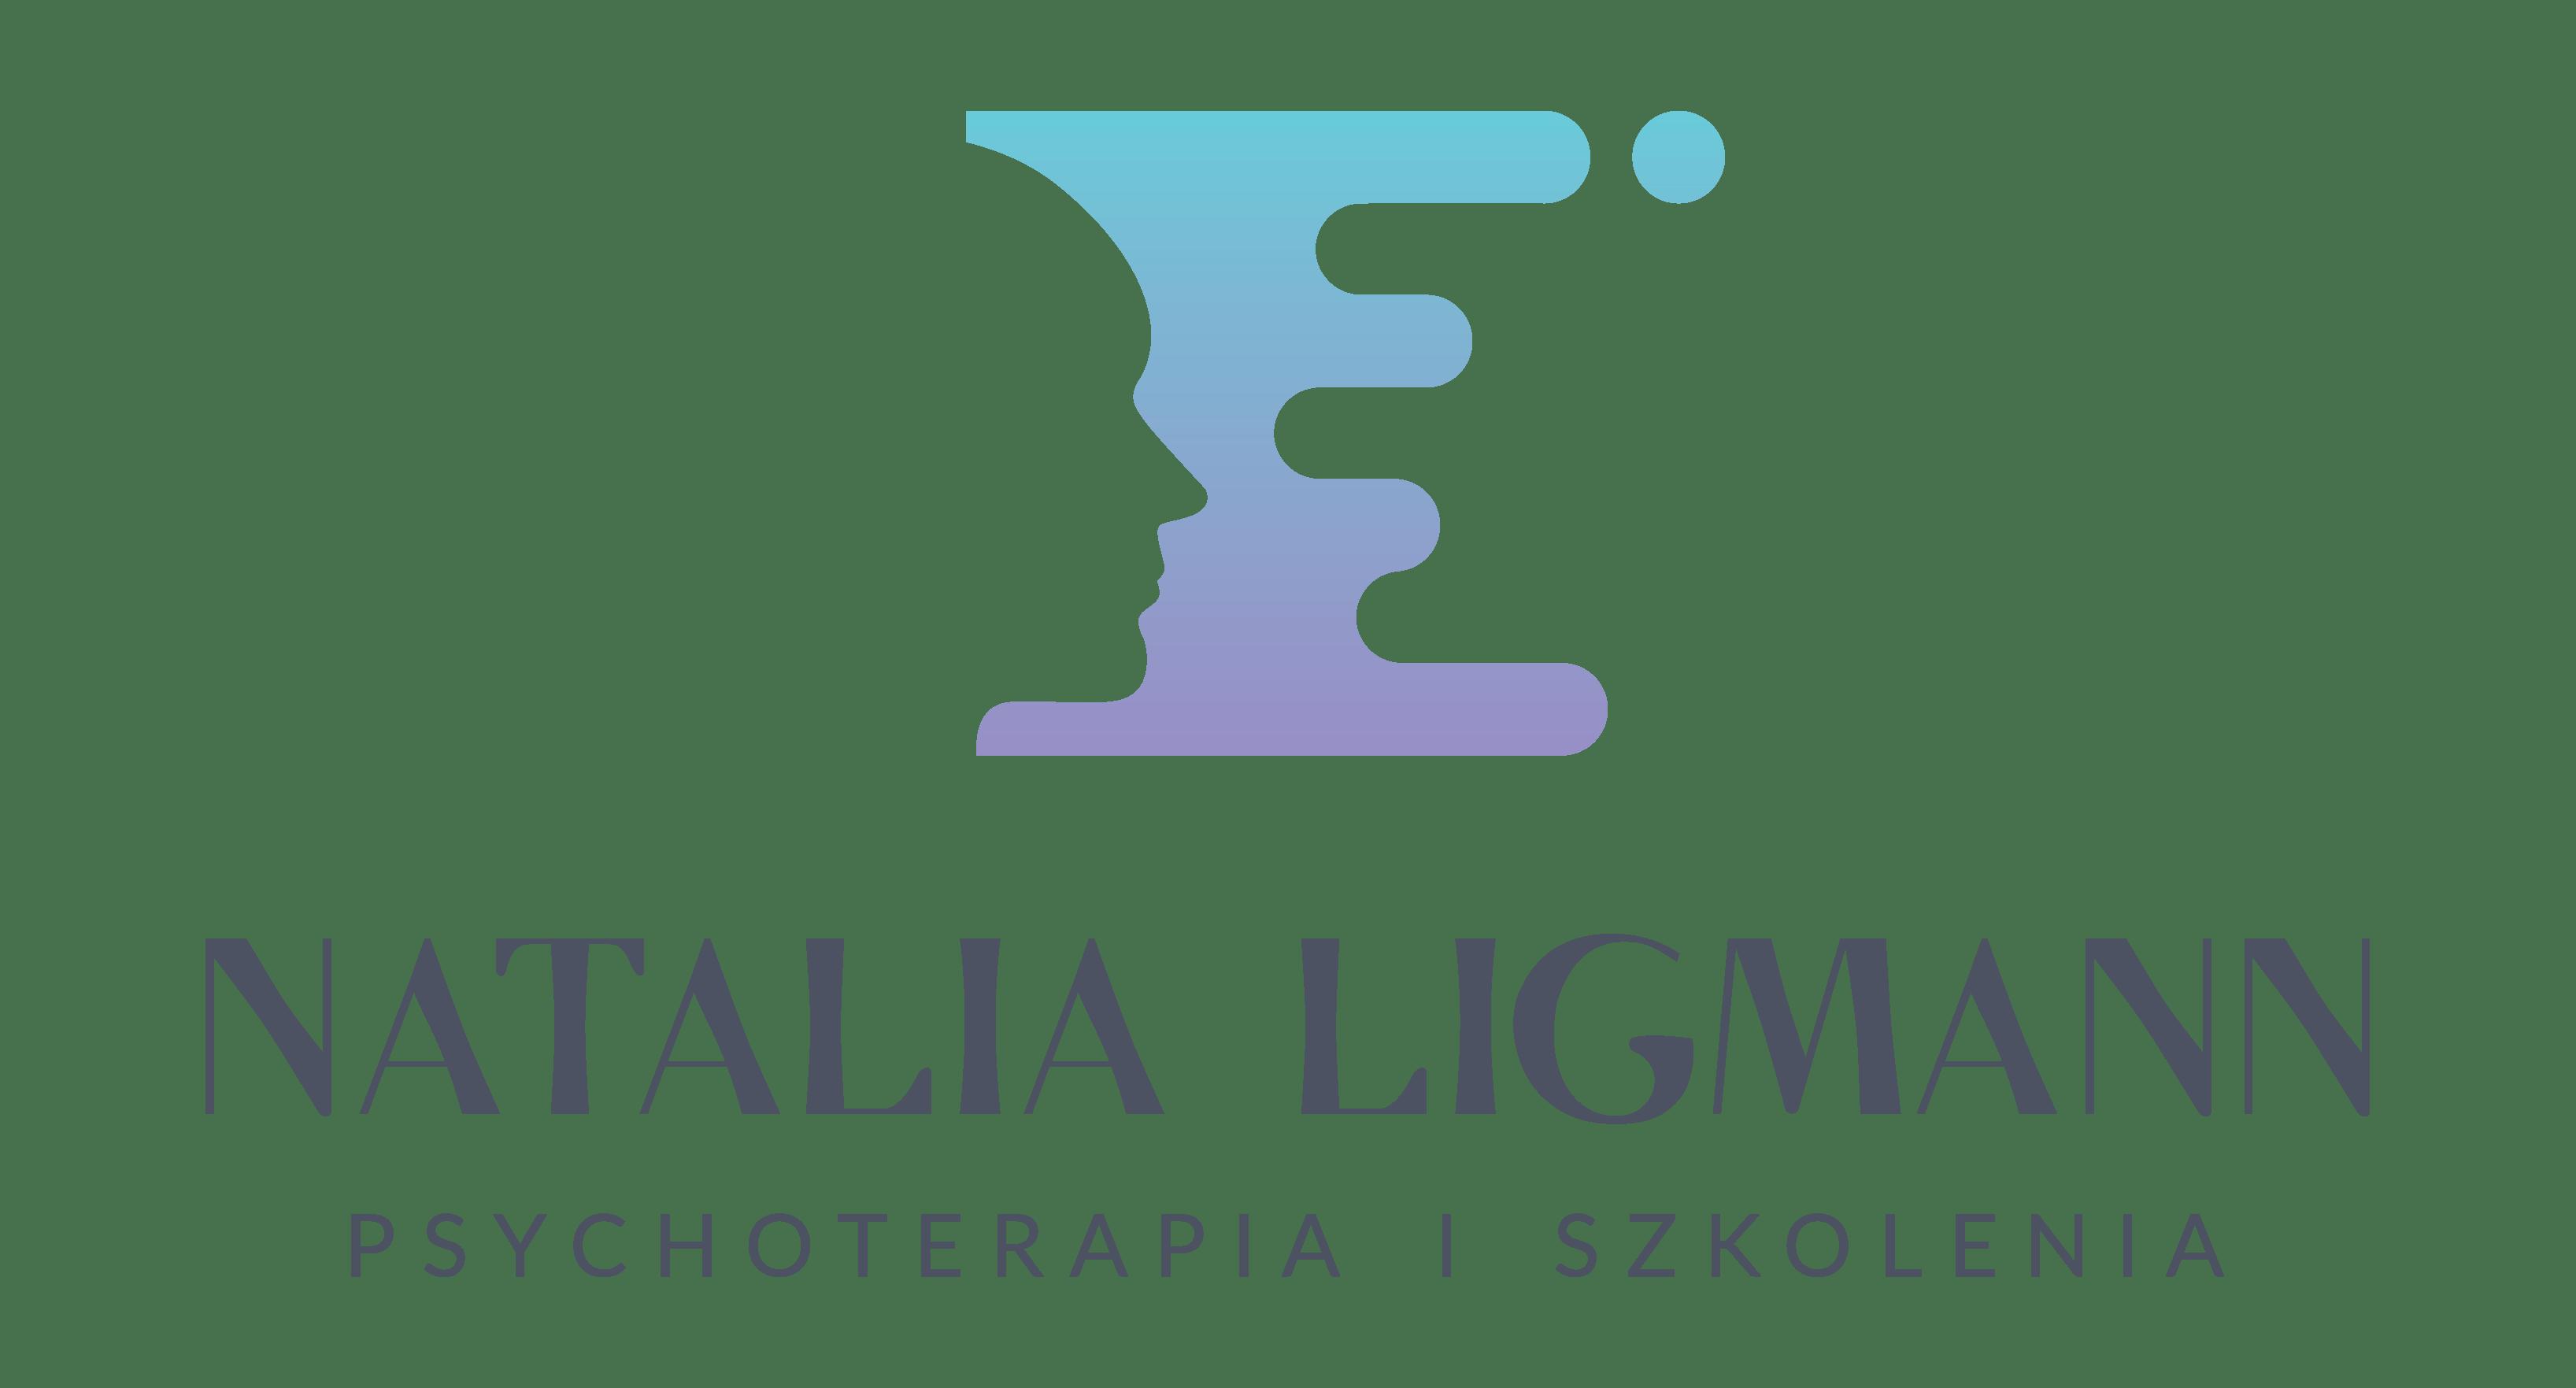 Natalia Ligmann